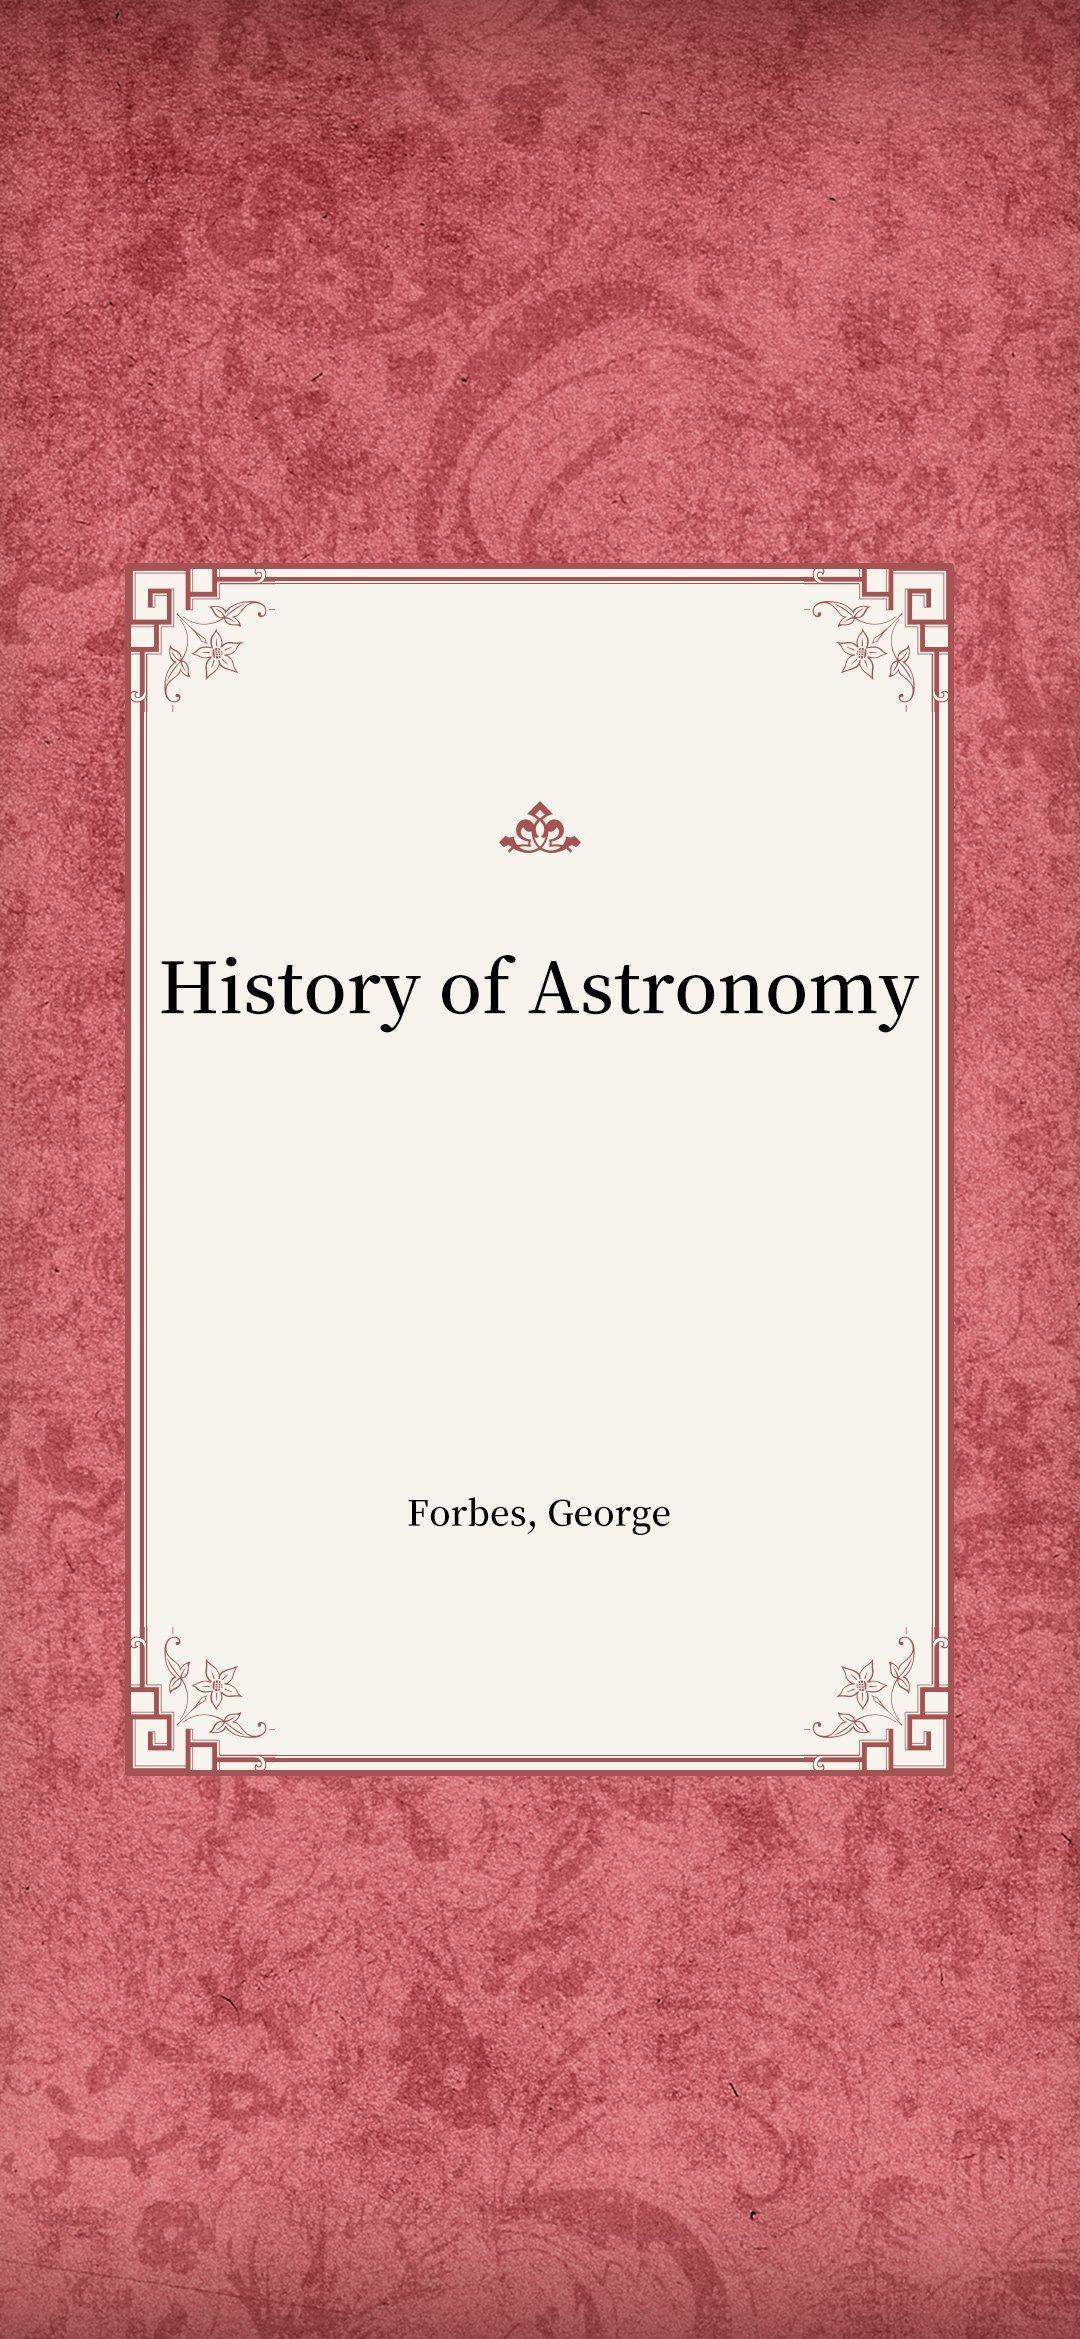 oumeirtiyishu_当当阅读器 - history of astronomy